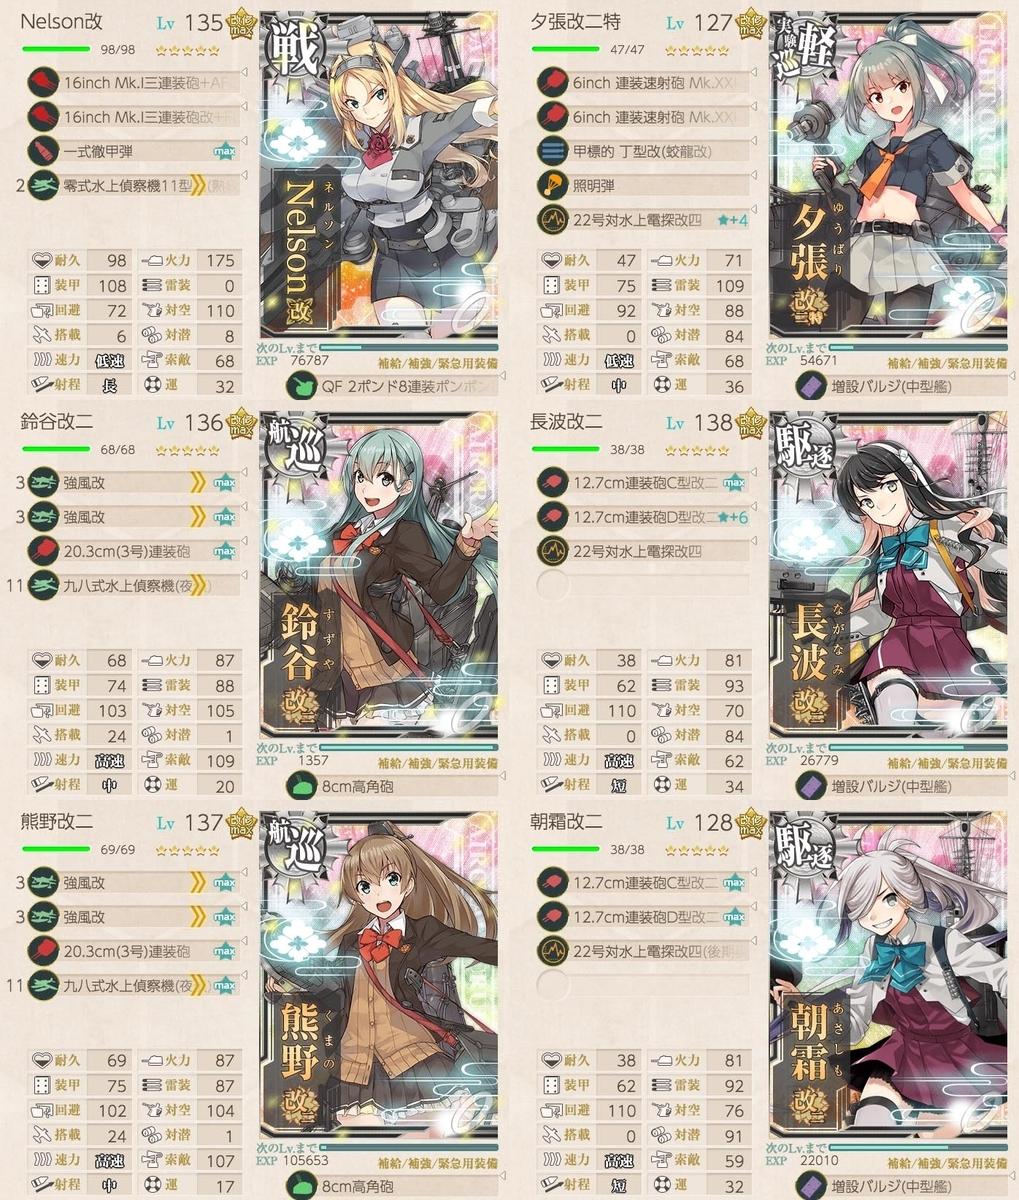 f:id:nameless_admiral:20200124033428j:plain